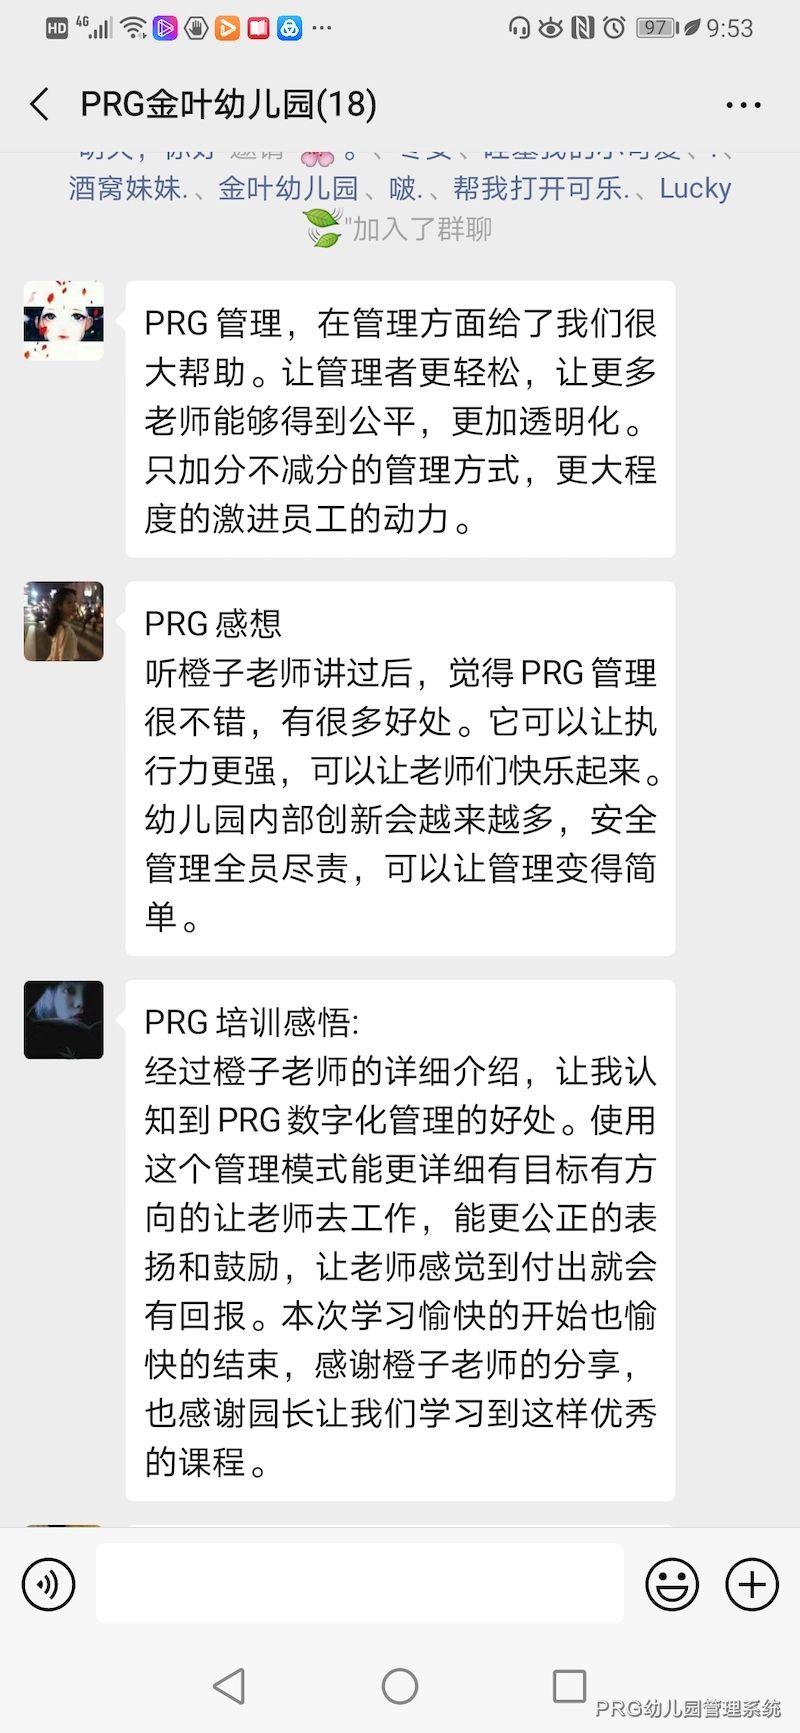 阜阳市金叶幼儿园PRG<a href=https://www.xiaoxianprg.com/ target=_blank class=infotextkey>幼儿园管理系统</a>学习感言分享3